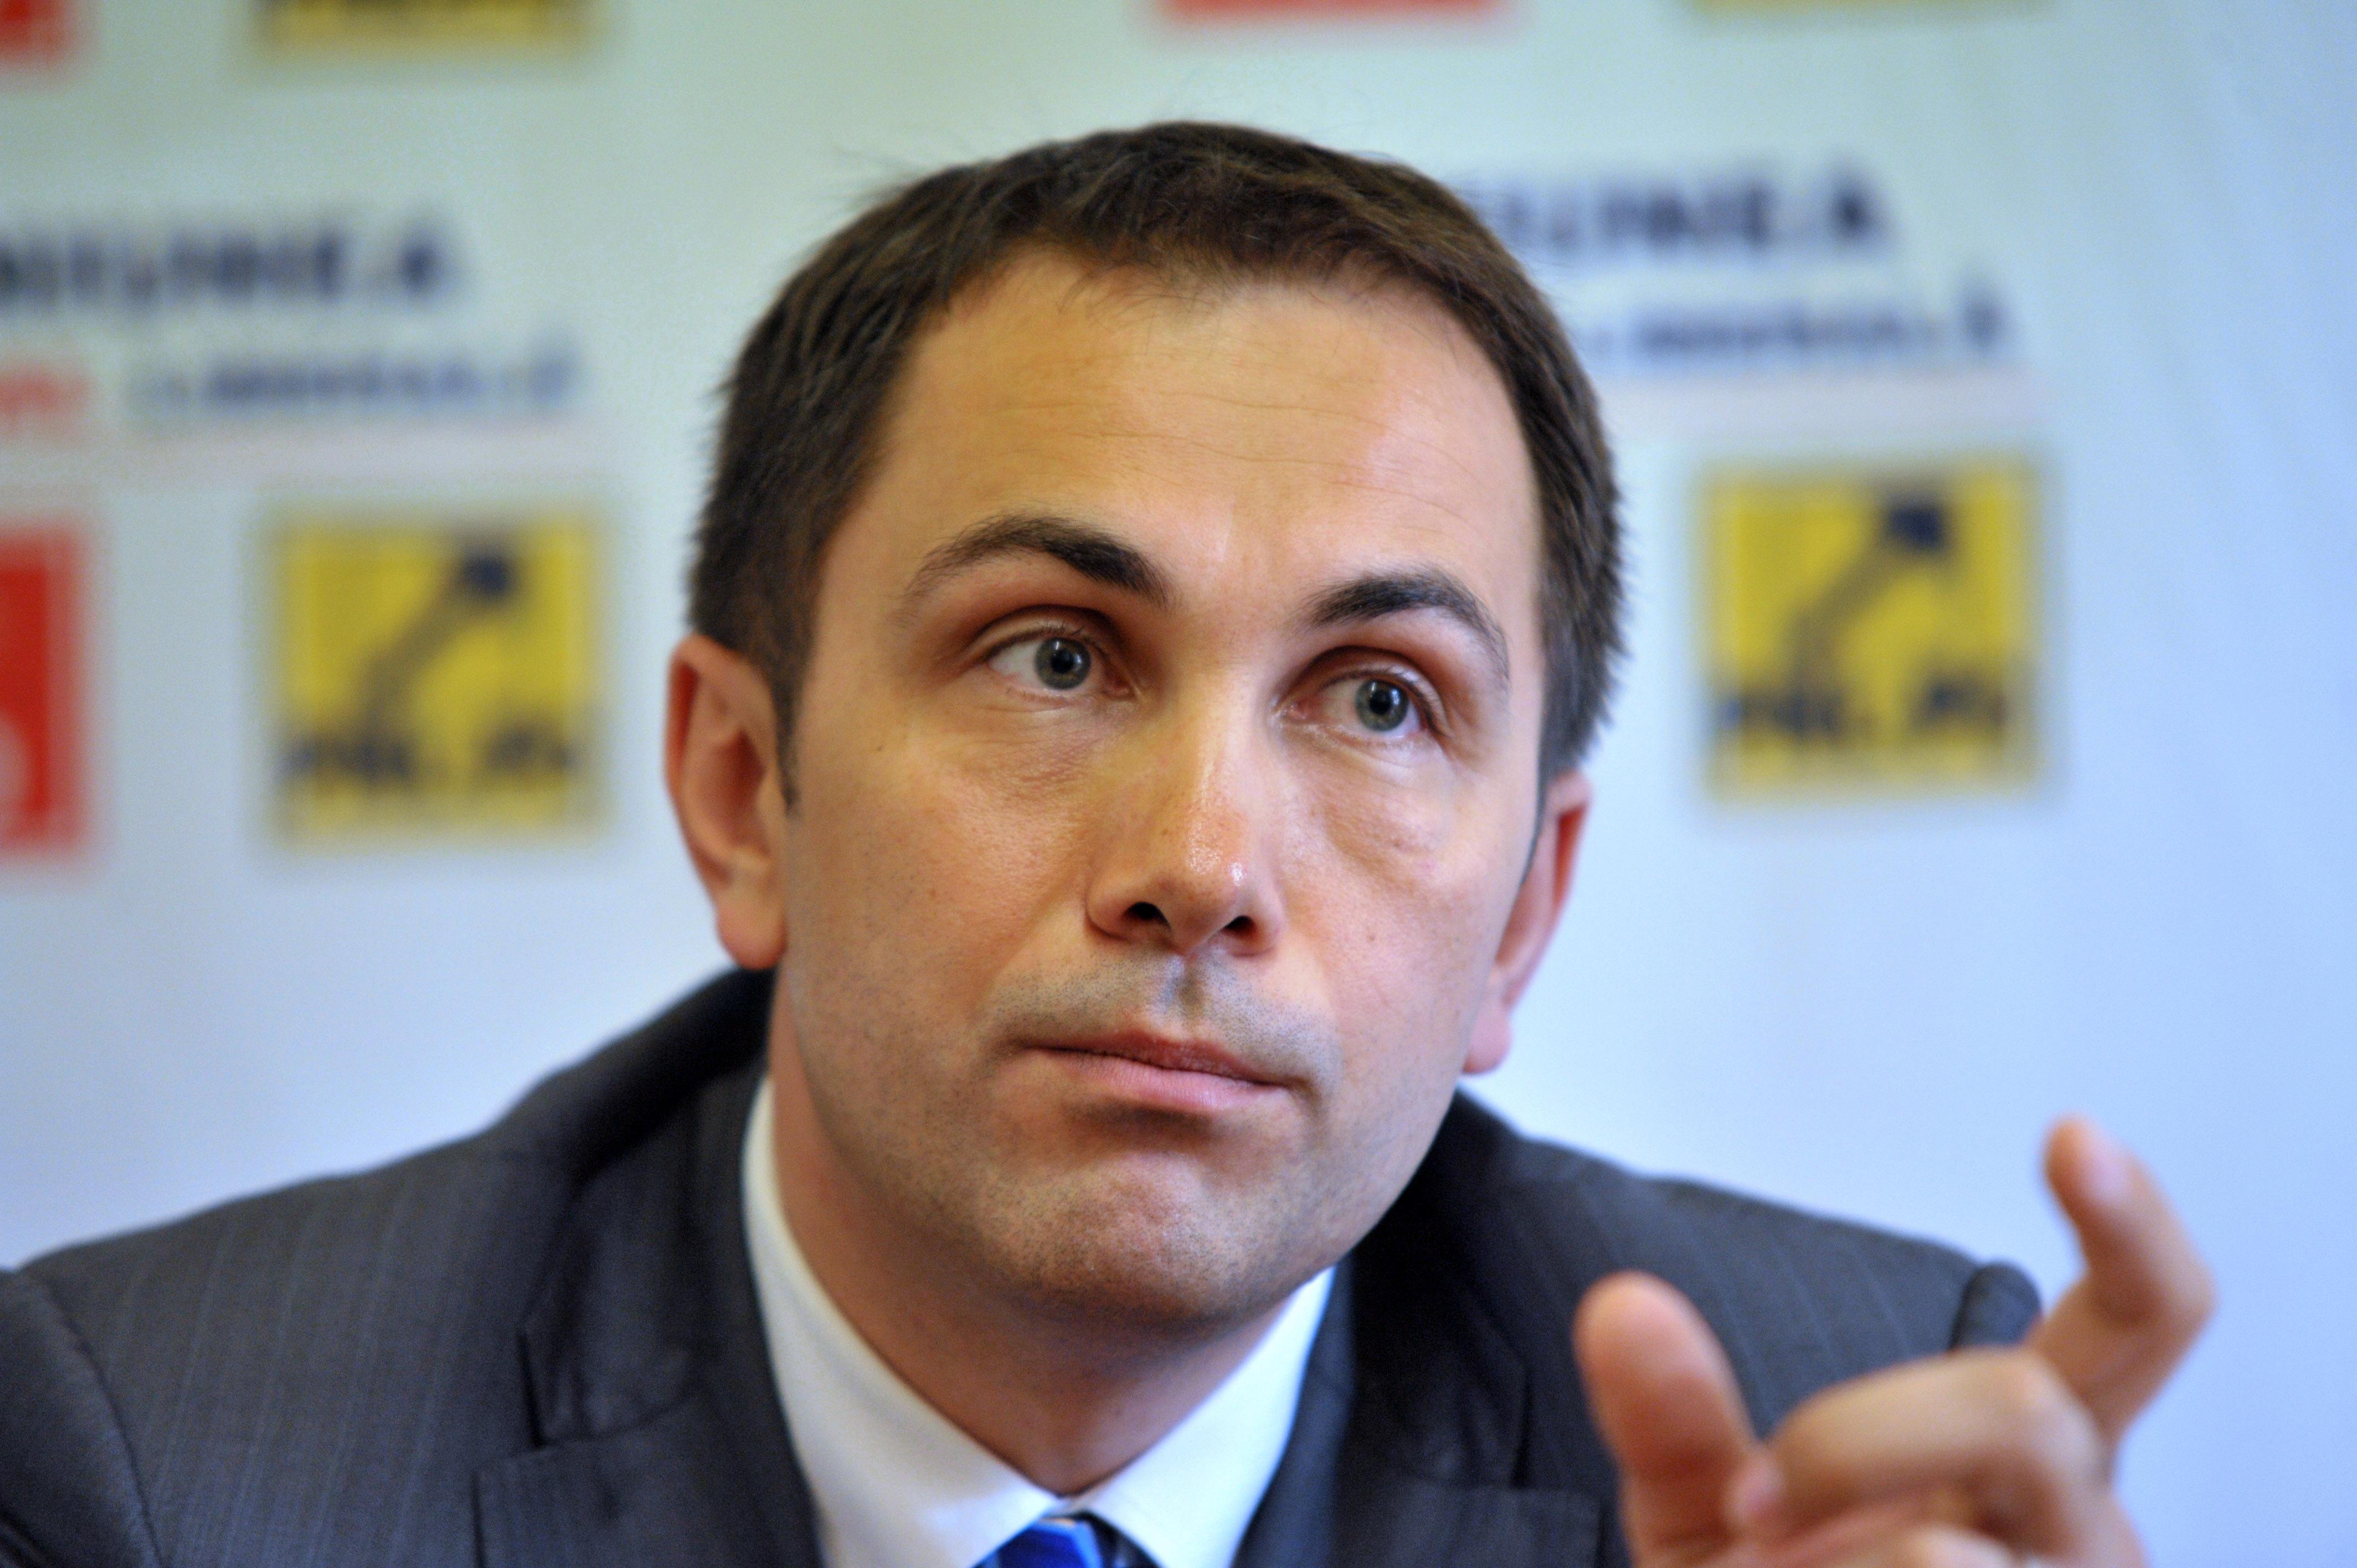 Victor Ponta trebuie să-i plătească 10.000 de lei daune lui Lucian Isar, soţul Alinei Gorghiu. Decizia este definitivă